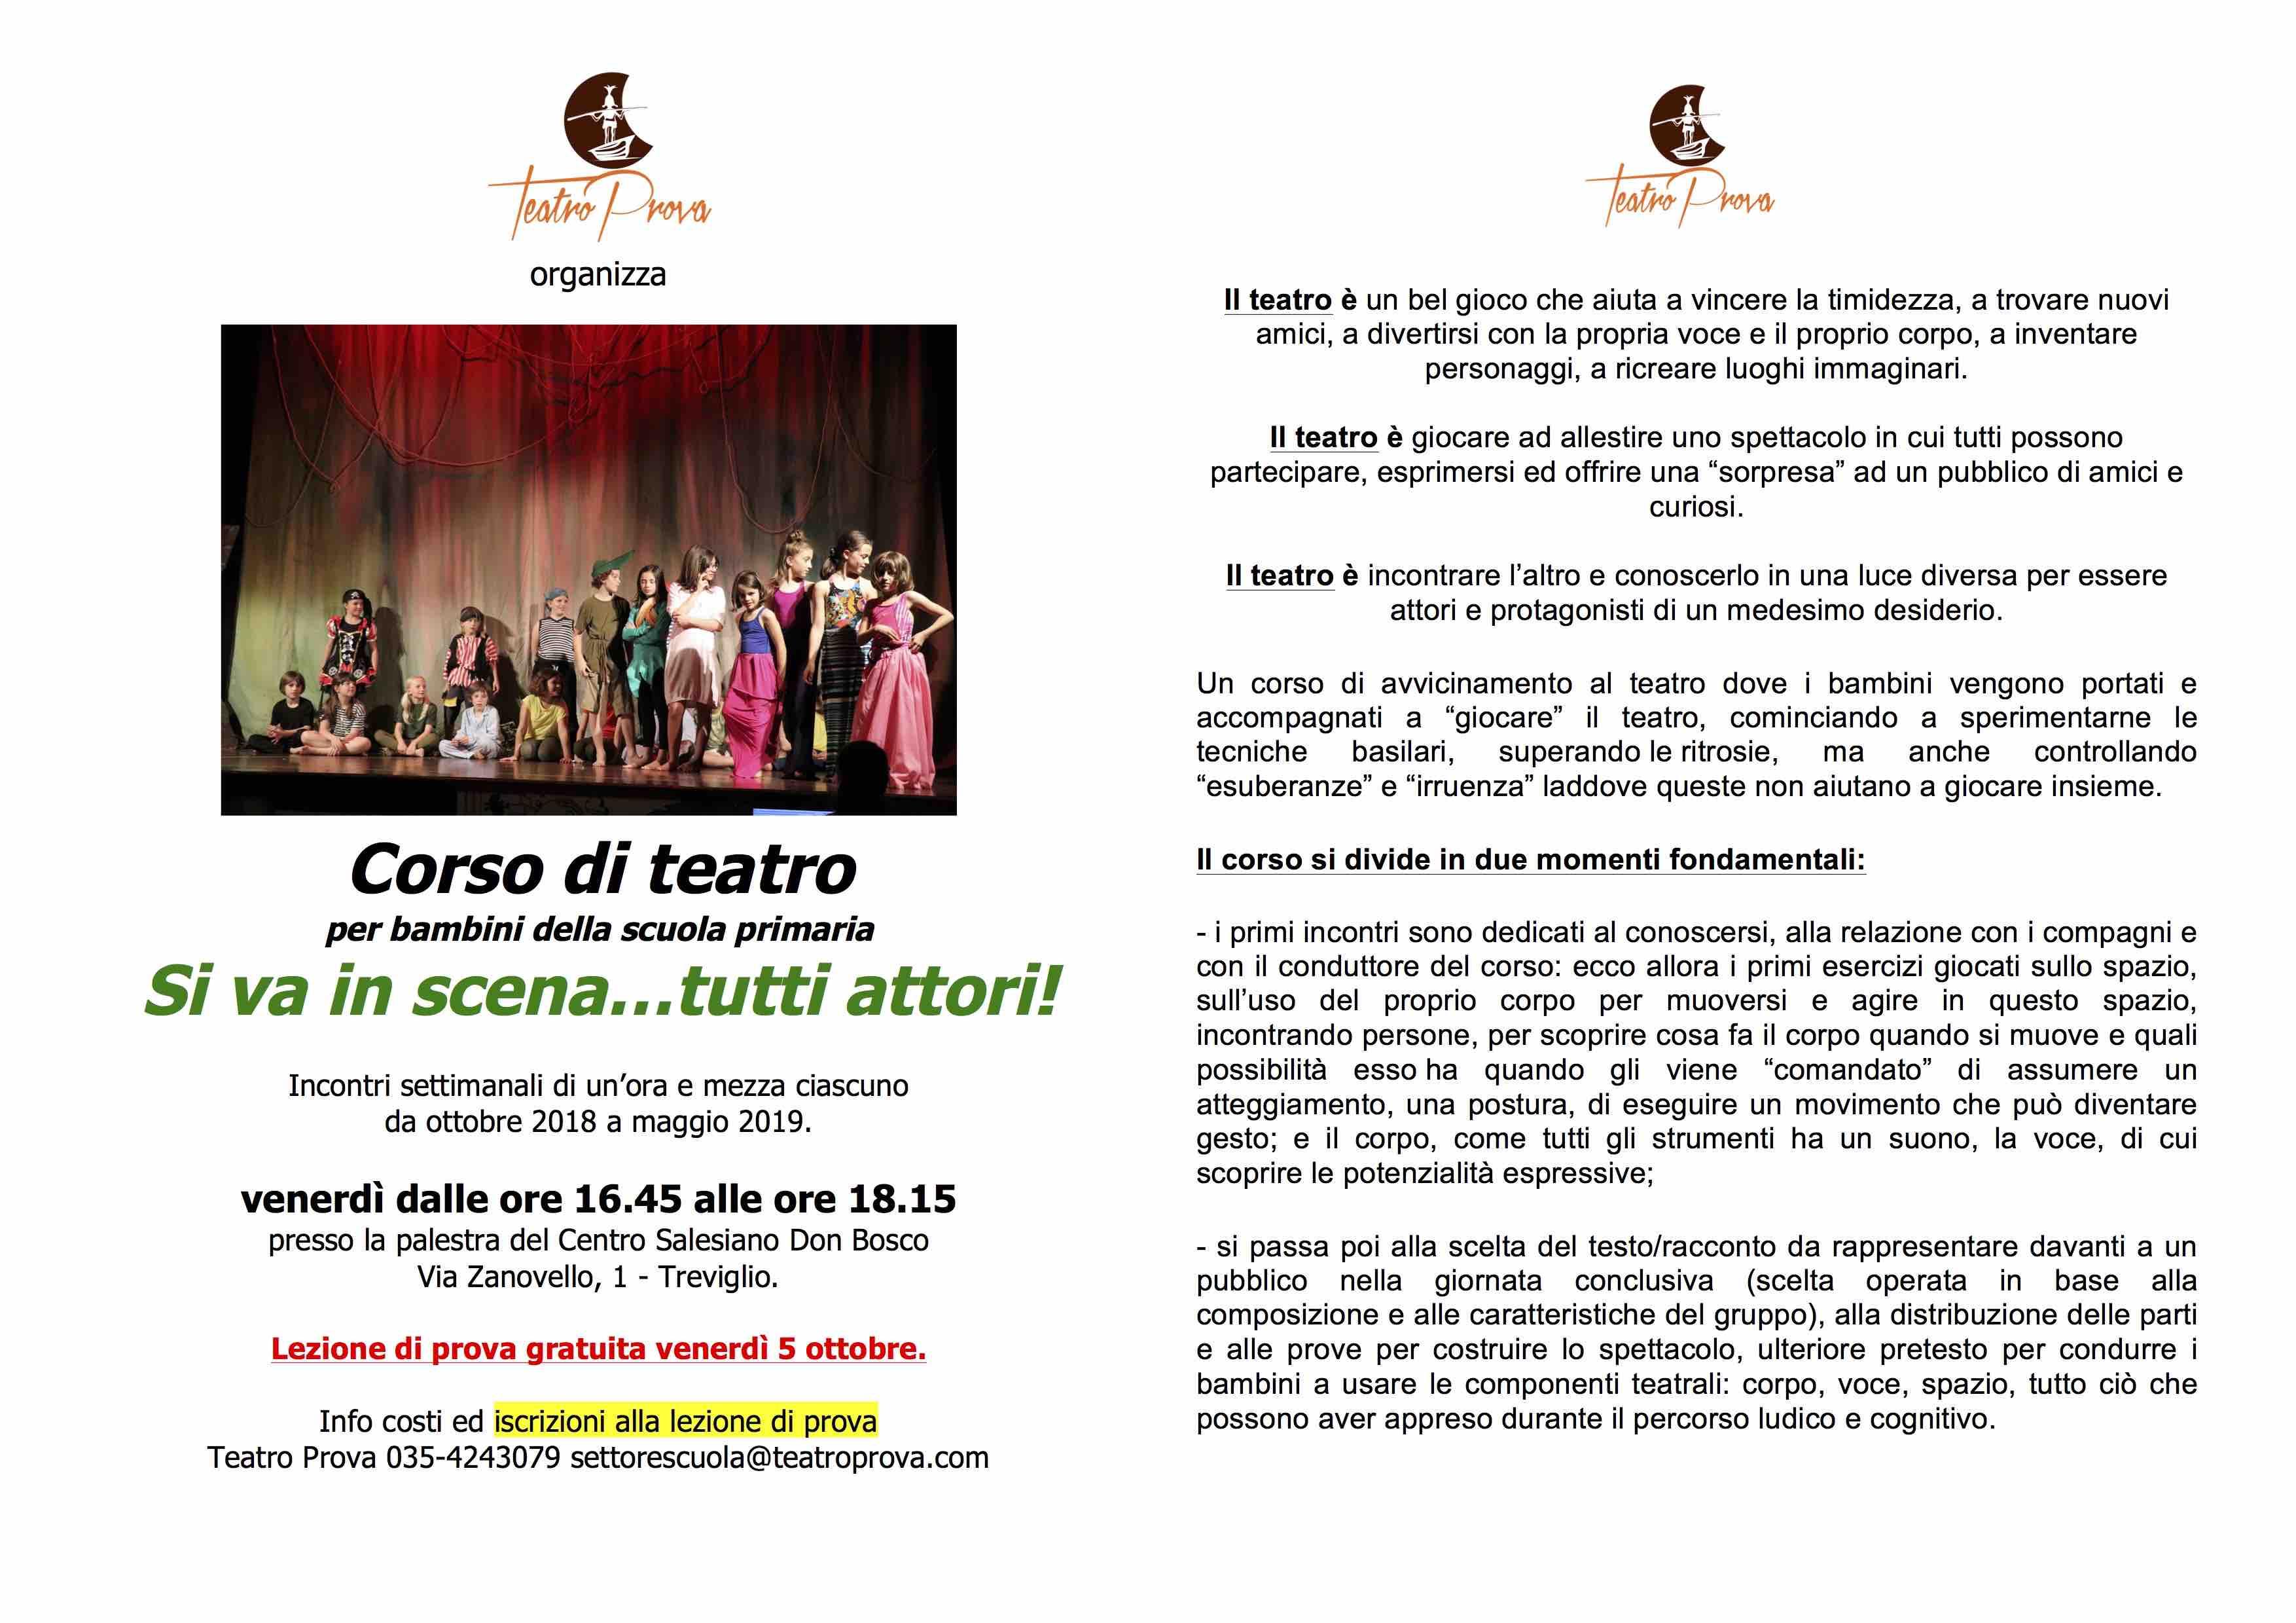 treviglio-volantino-corso-teatro-2018-2019